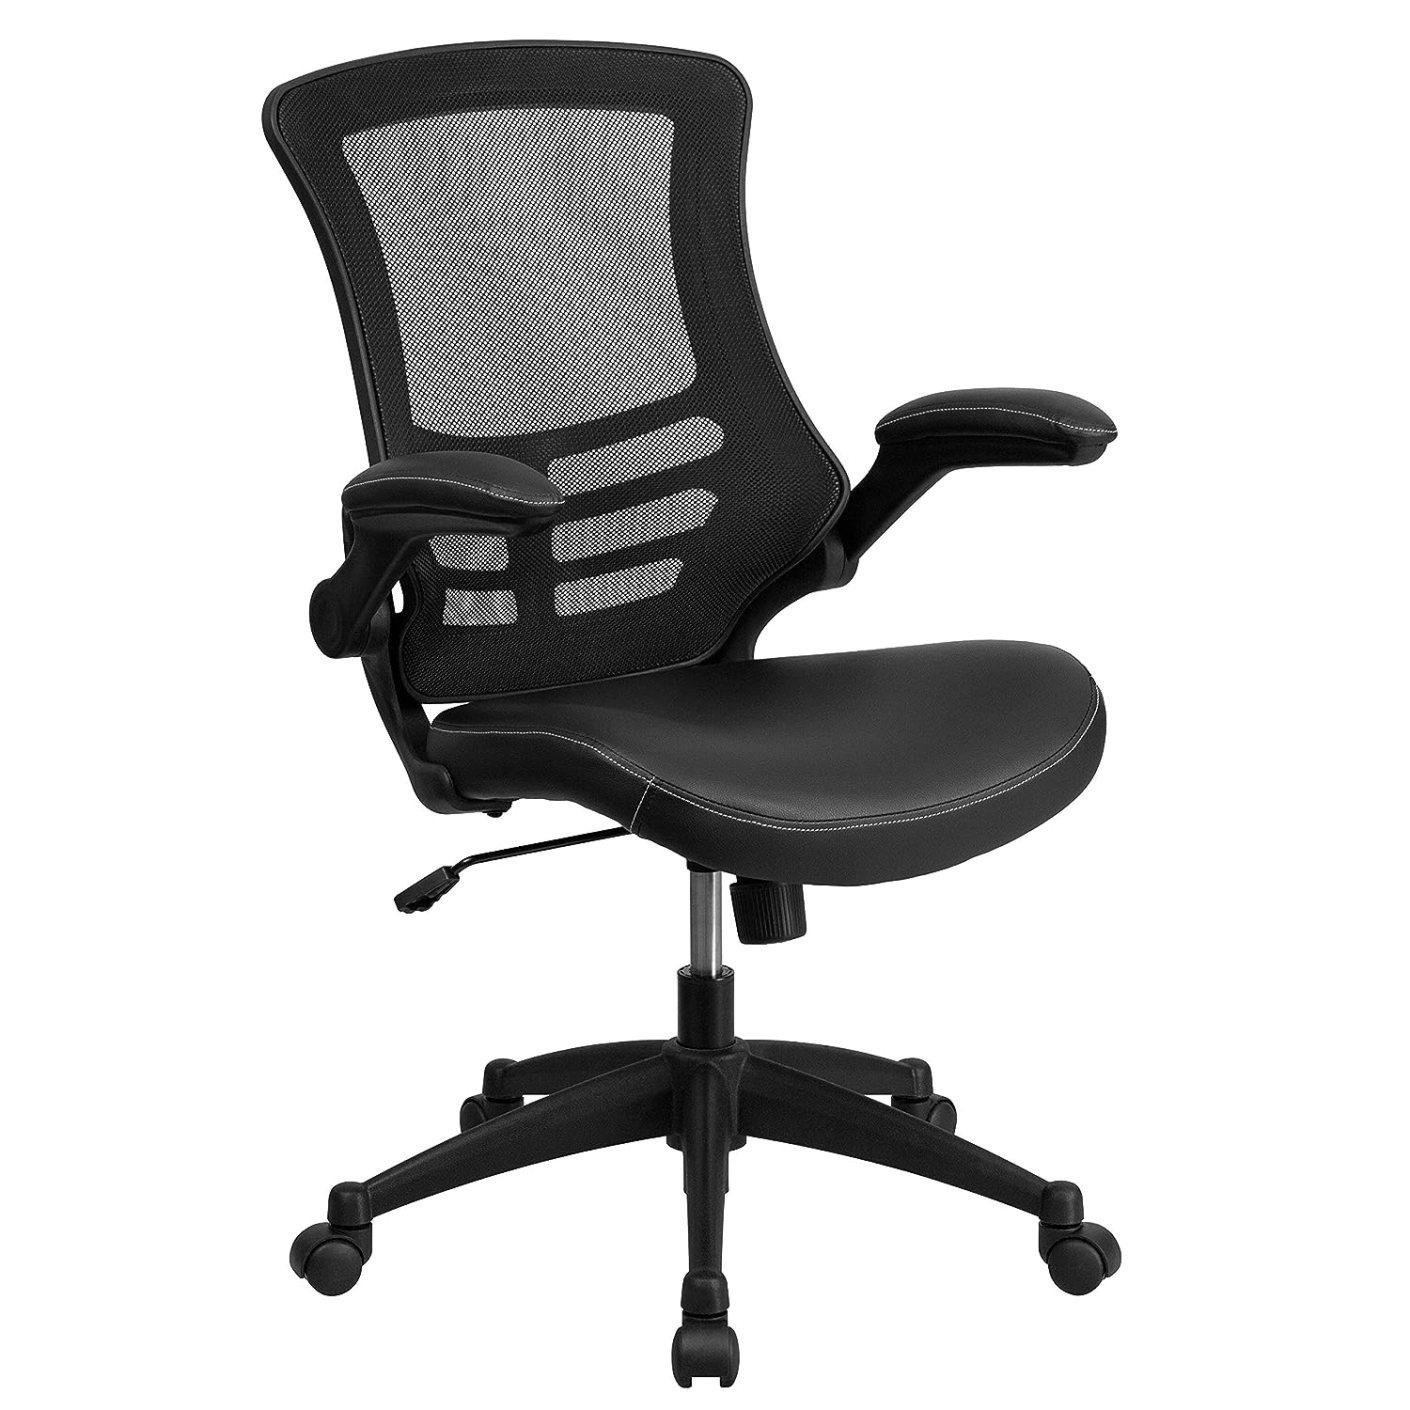 Silla para el escritorio color negrohttps://amzn.to/2Efa4B9